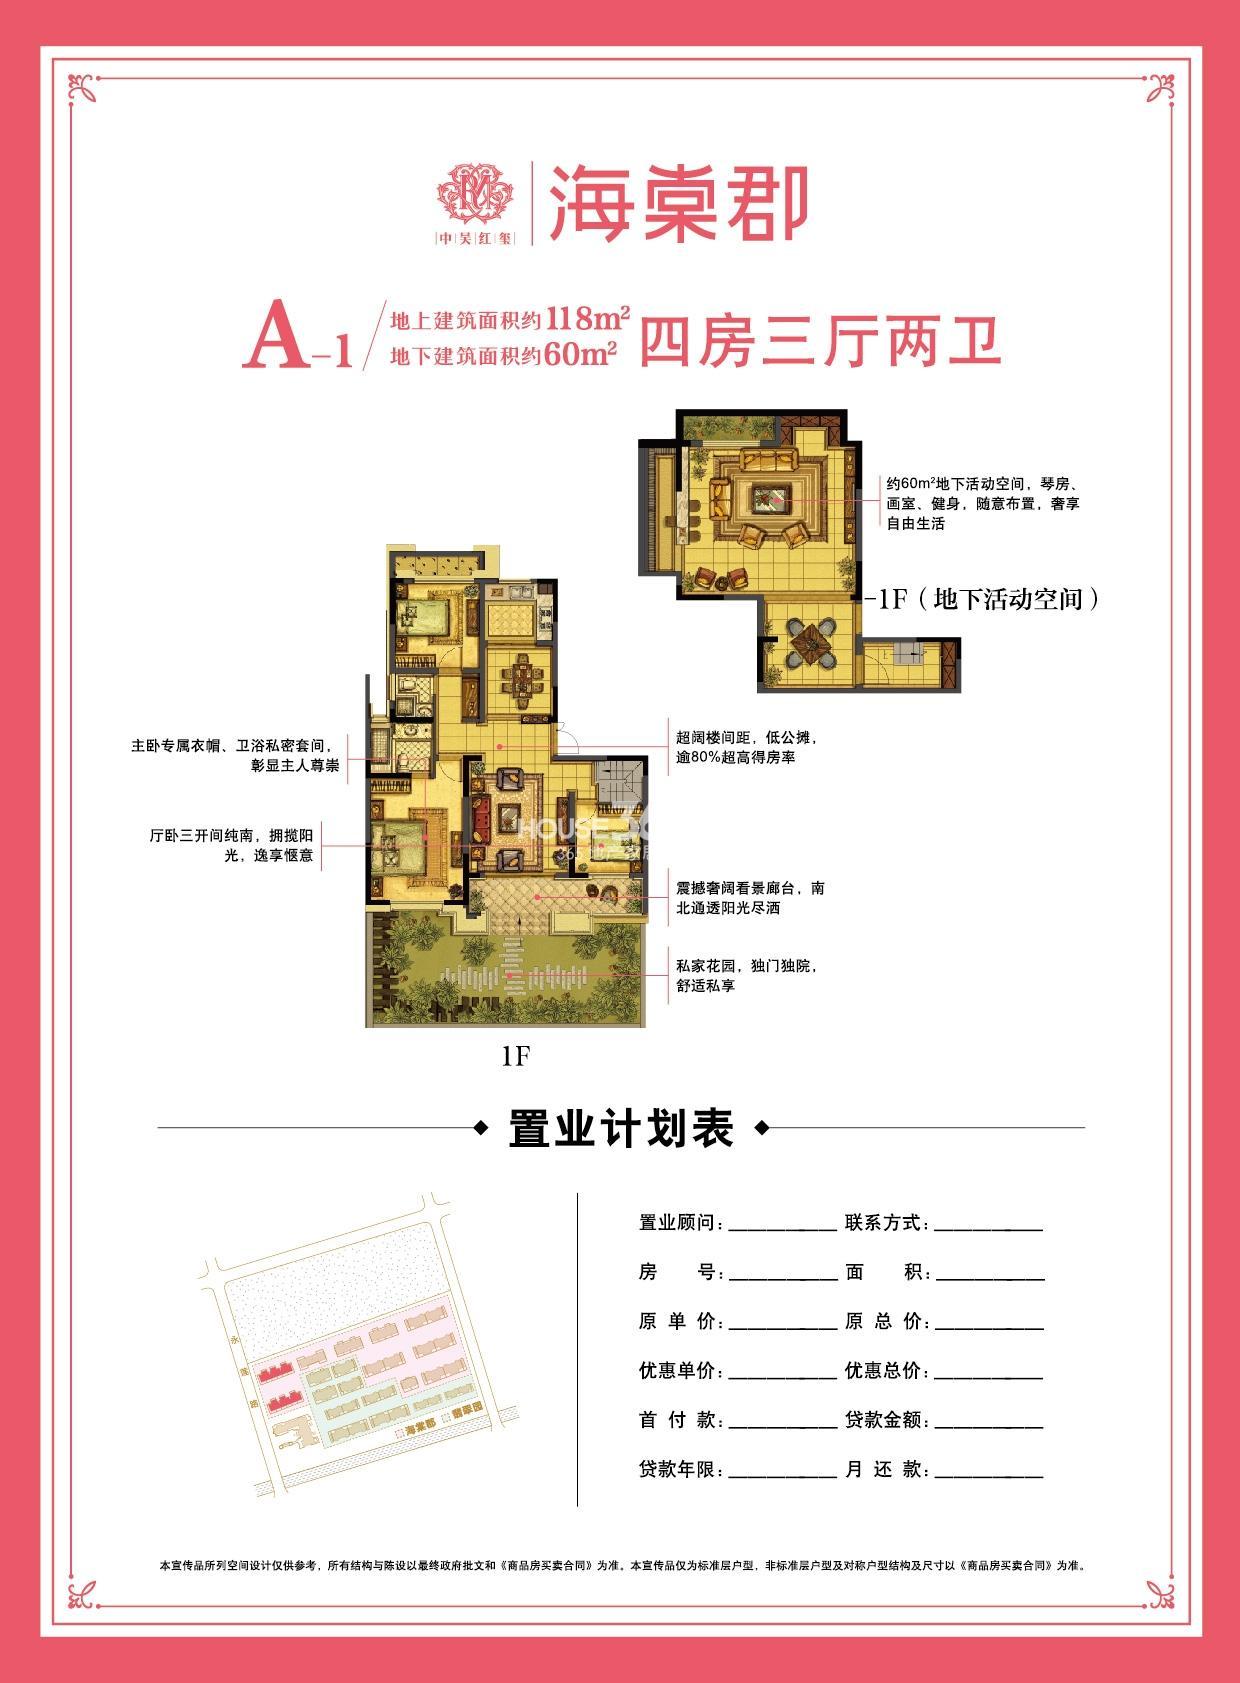 海棠郡A-1户型四房三厅两卫118+60平米